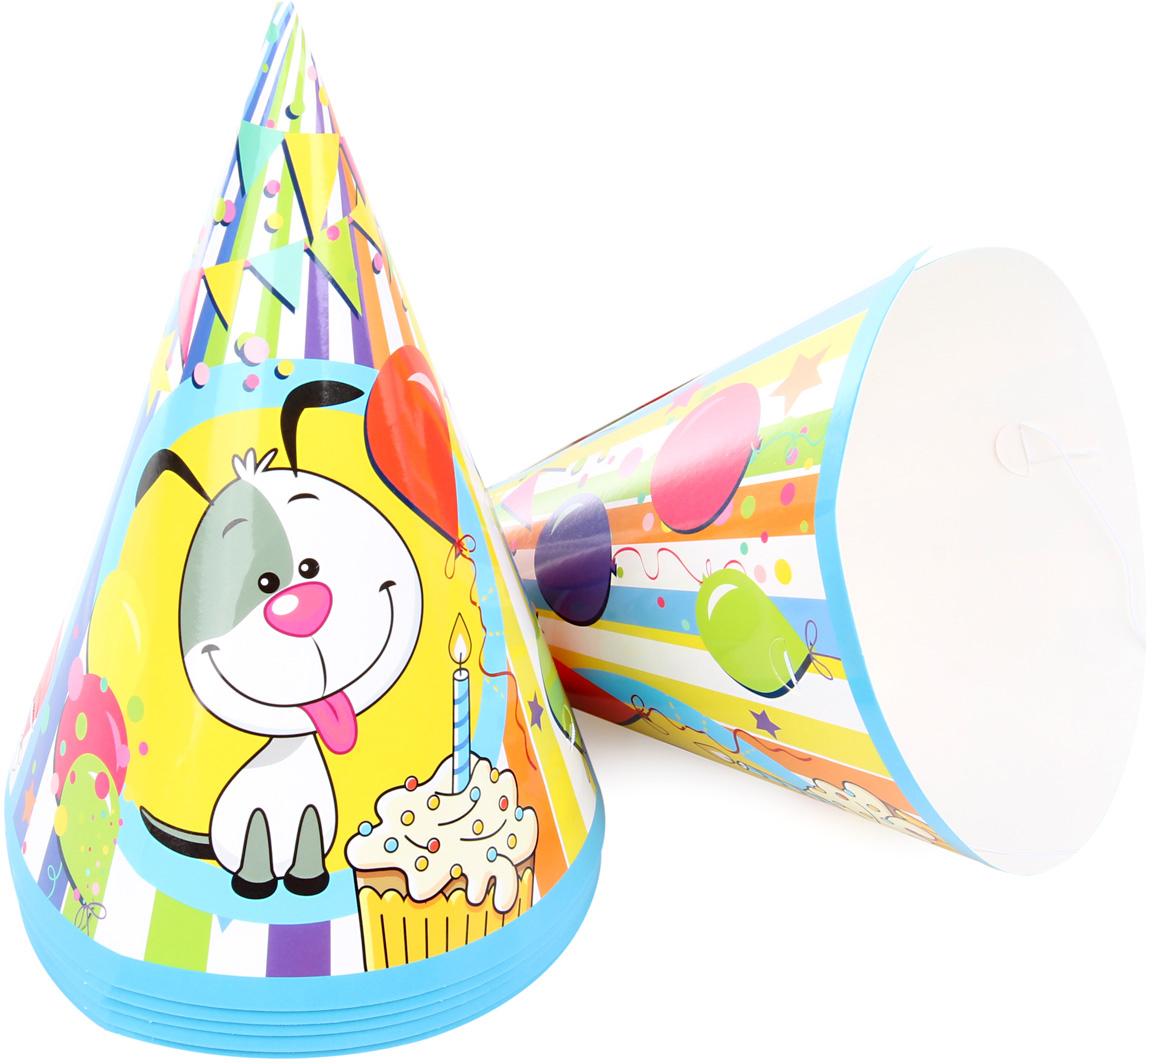 Веселый хоровод Набор колпаков Счастливый Шарик 20 см 6 шт KL53497 -  Колпаки и шляпы